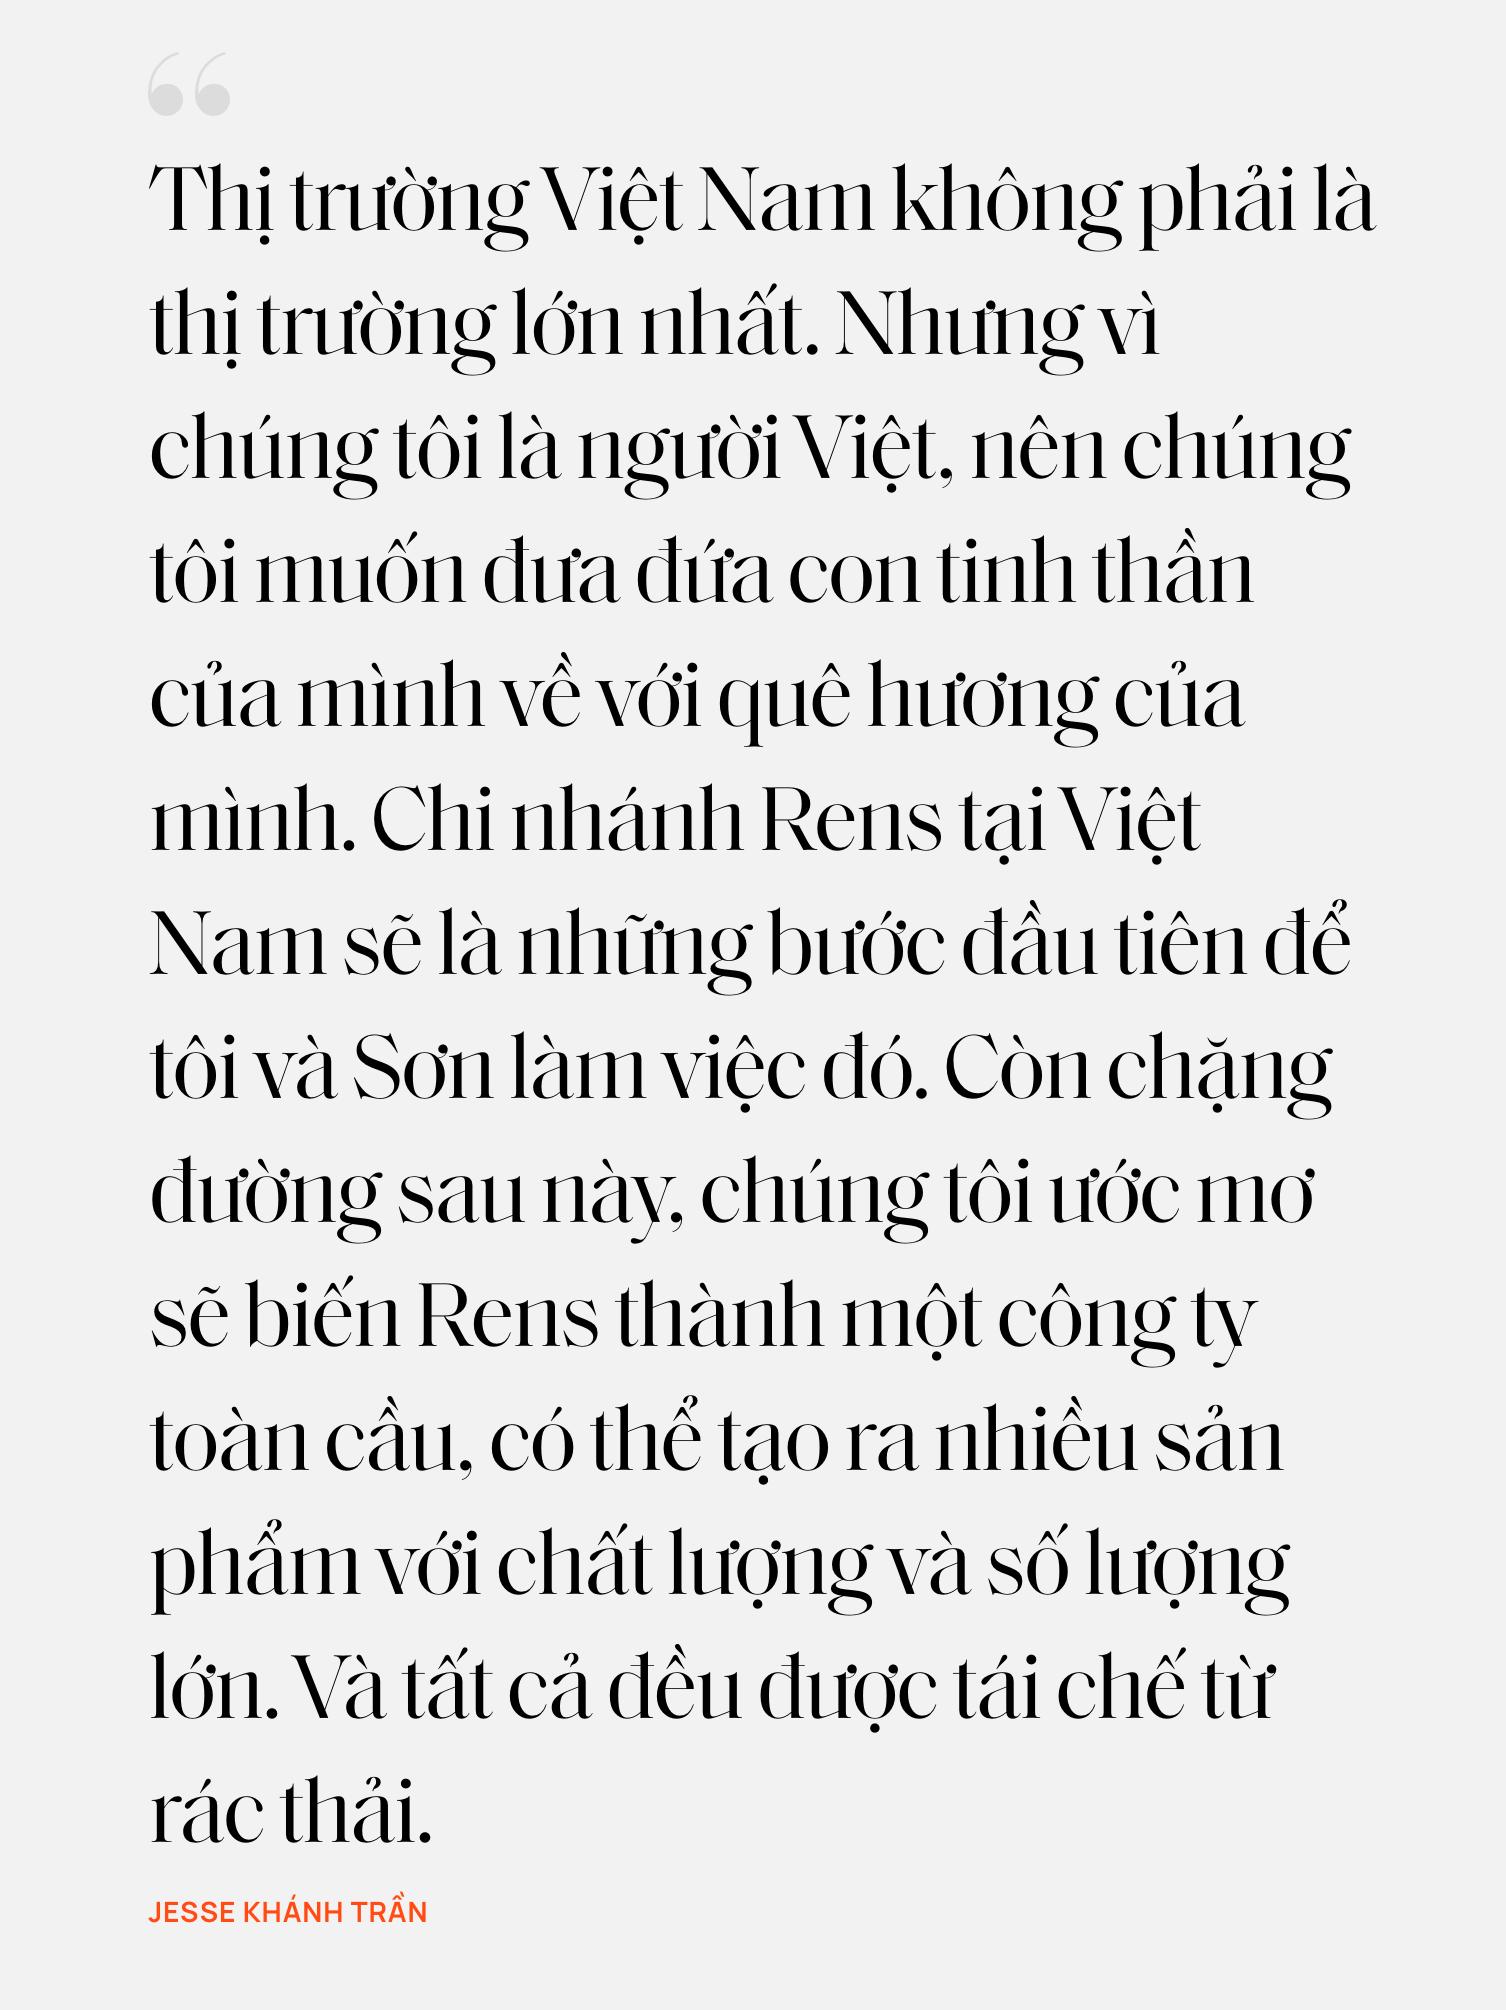 Jesse Khánh Trần và Sơn Chu: Bước ra thế giới với những đôi giày làm từ bã cafe và chai nhựa - Ảnh 20.